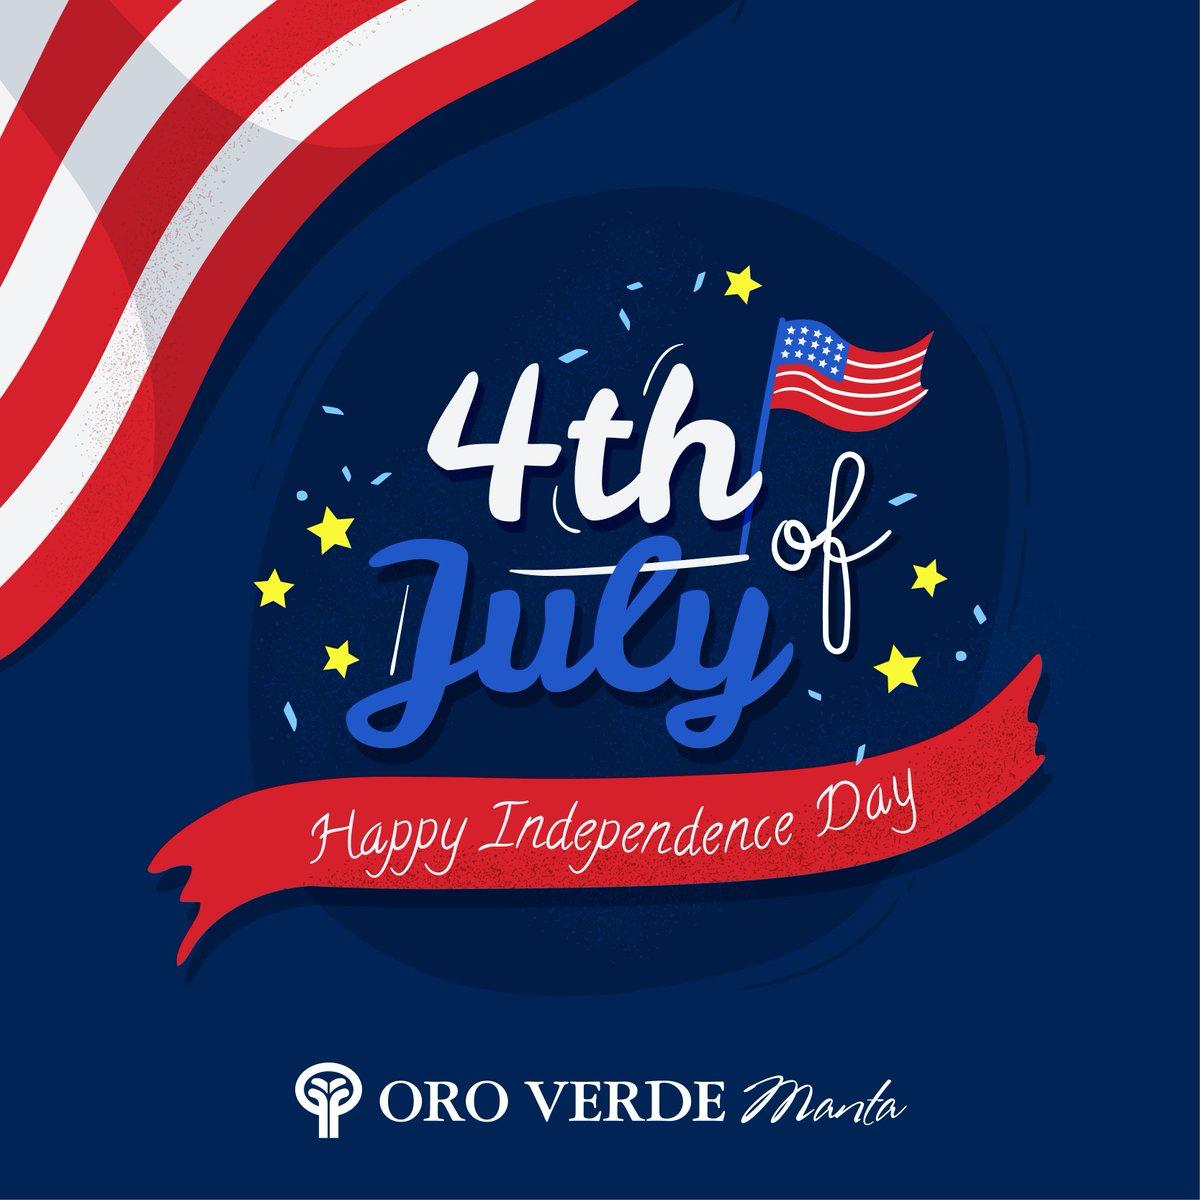 Podemos pensar en la libertad no como el derecho a hacer lo que nos plazca, sino como la oportunidad de hacer lo que es correcto. Feliz Día de la Independencia  #OroVerdeManta #Deluxe #Manta https://t.co/Cs7vVvoPTD